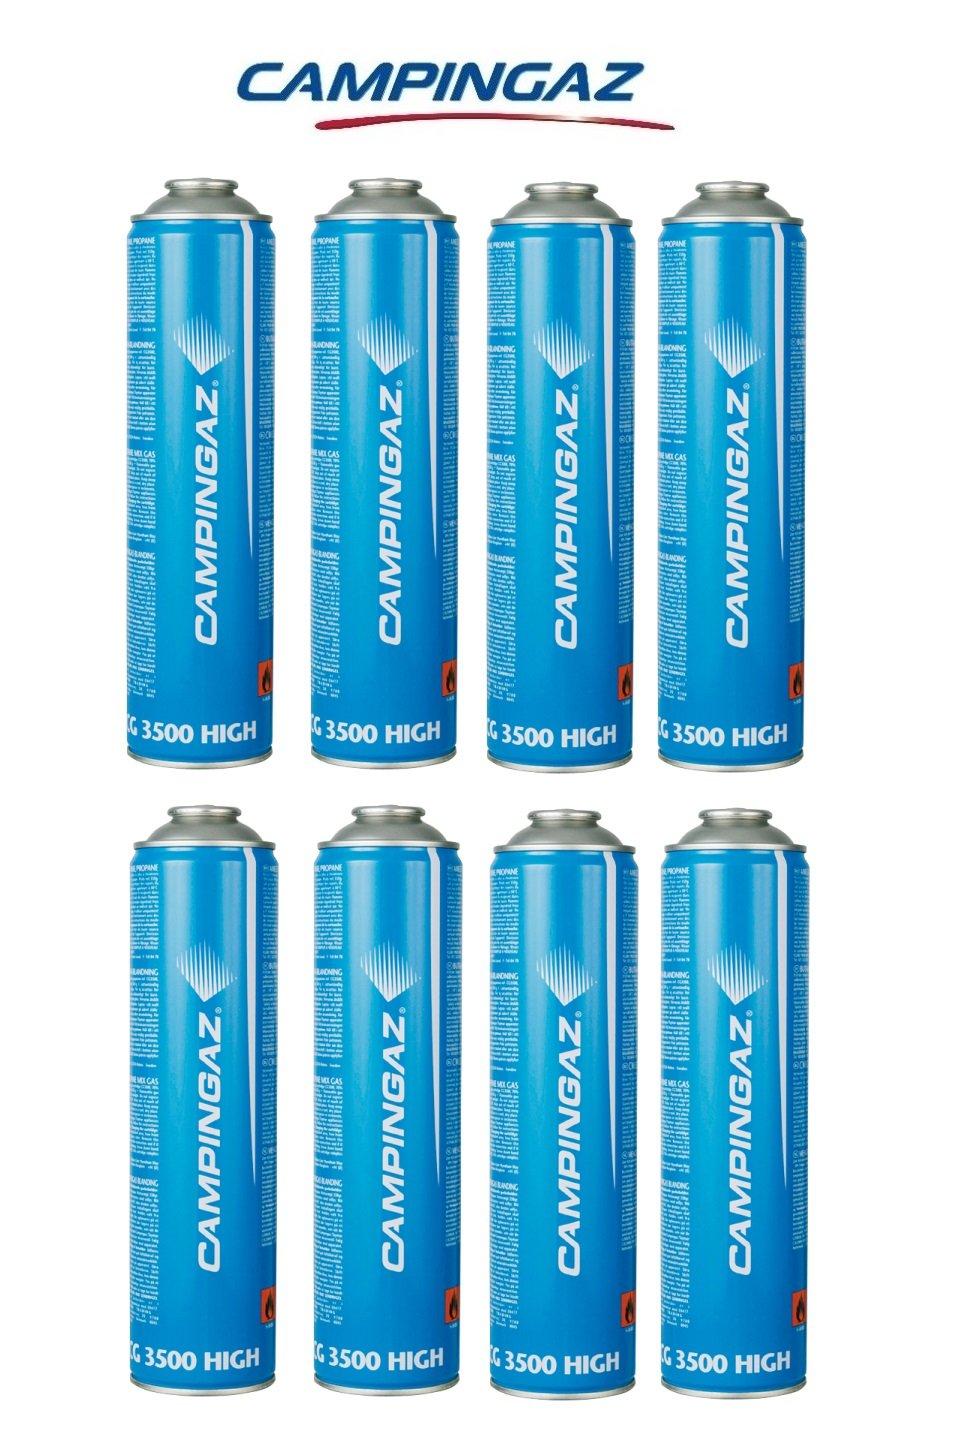 Dose-Patronen a Gas 350 gr – cg3500 Campingaz CG 3500 – Schraubanschluss ideal für Schweißer – Angebot für 8 Kapseln